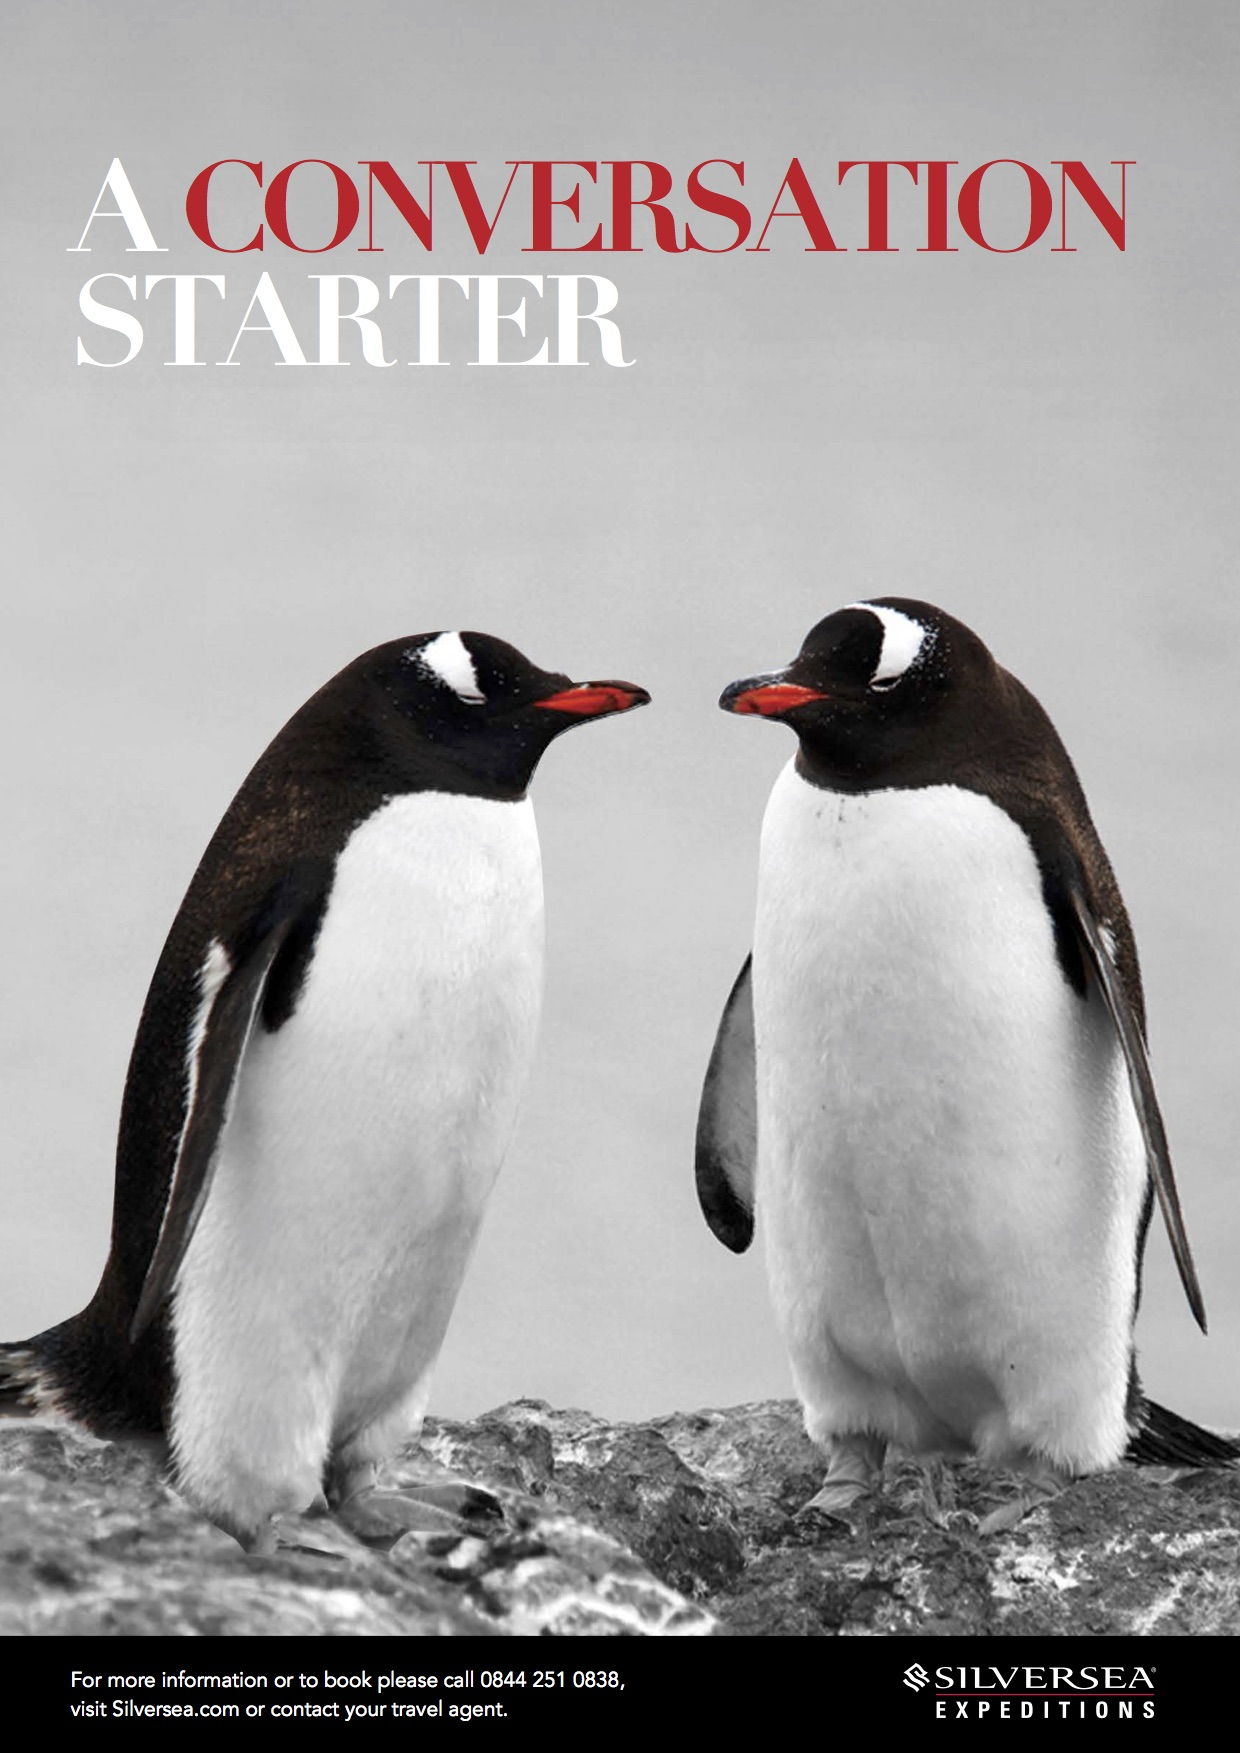 Expedition Advert - A CONVERSATION STARTER.jpg